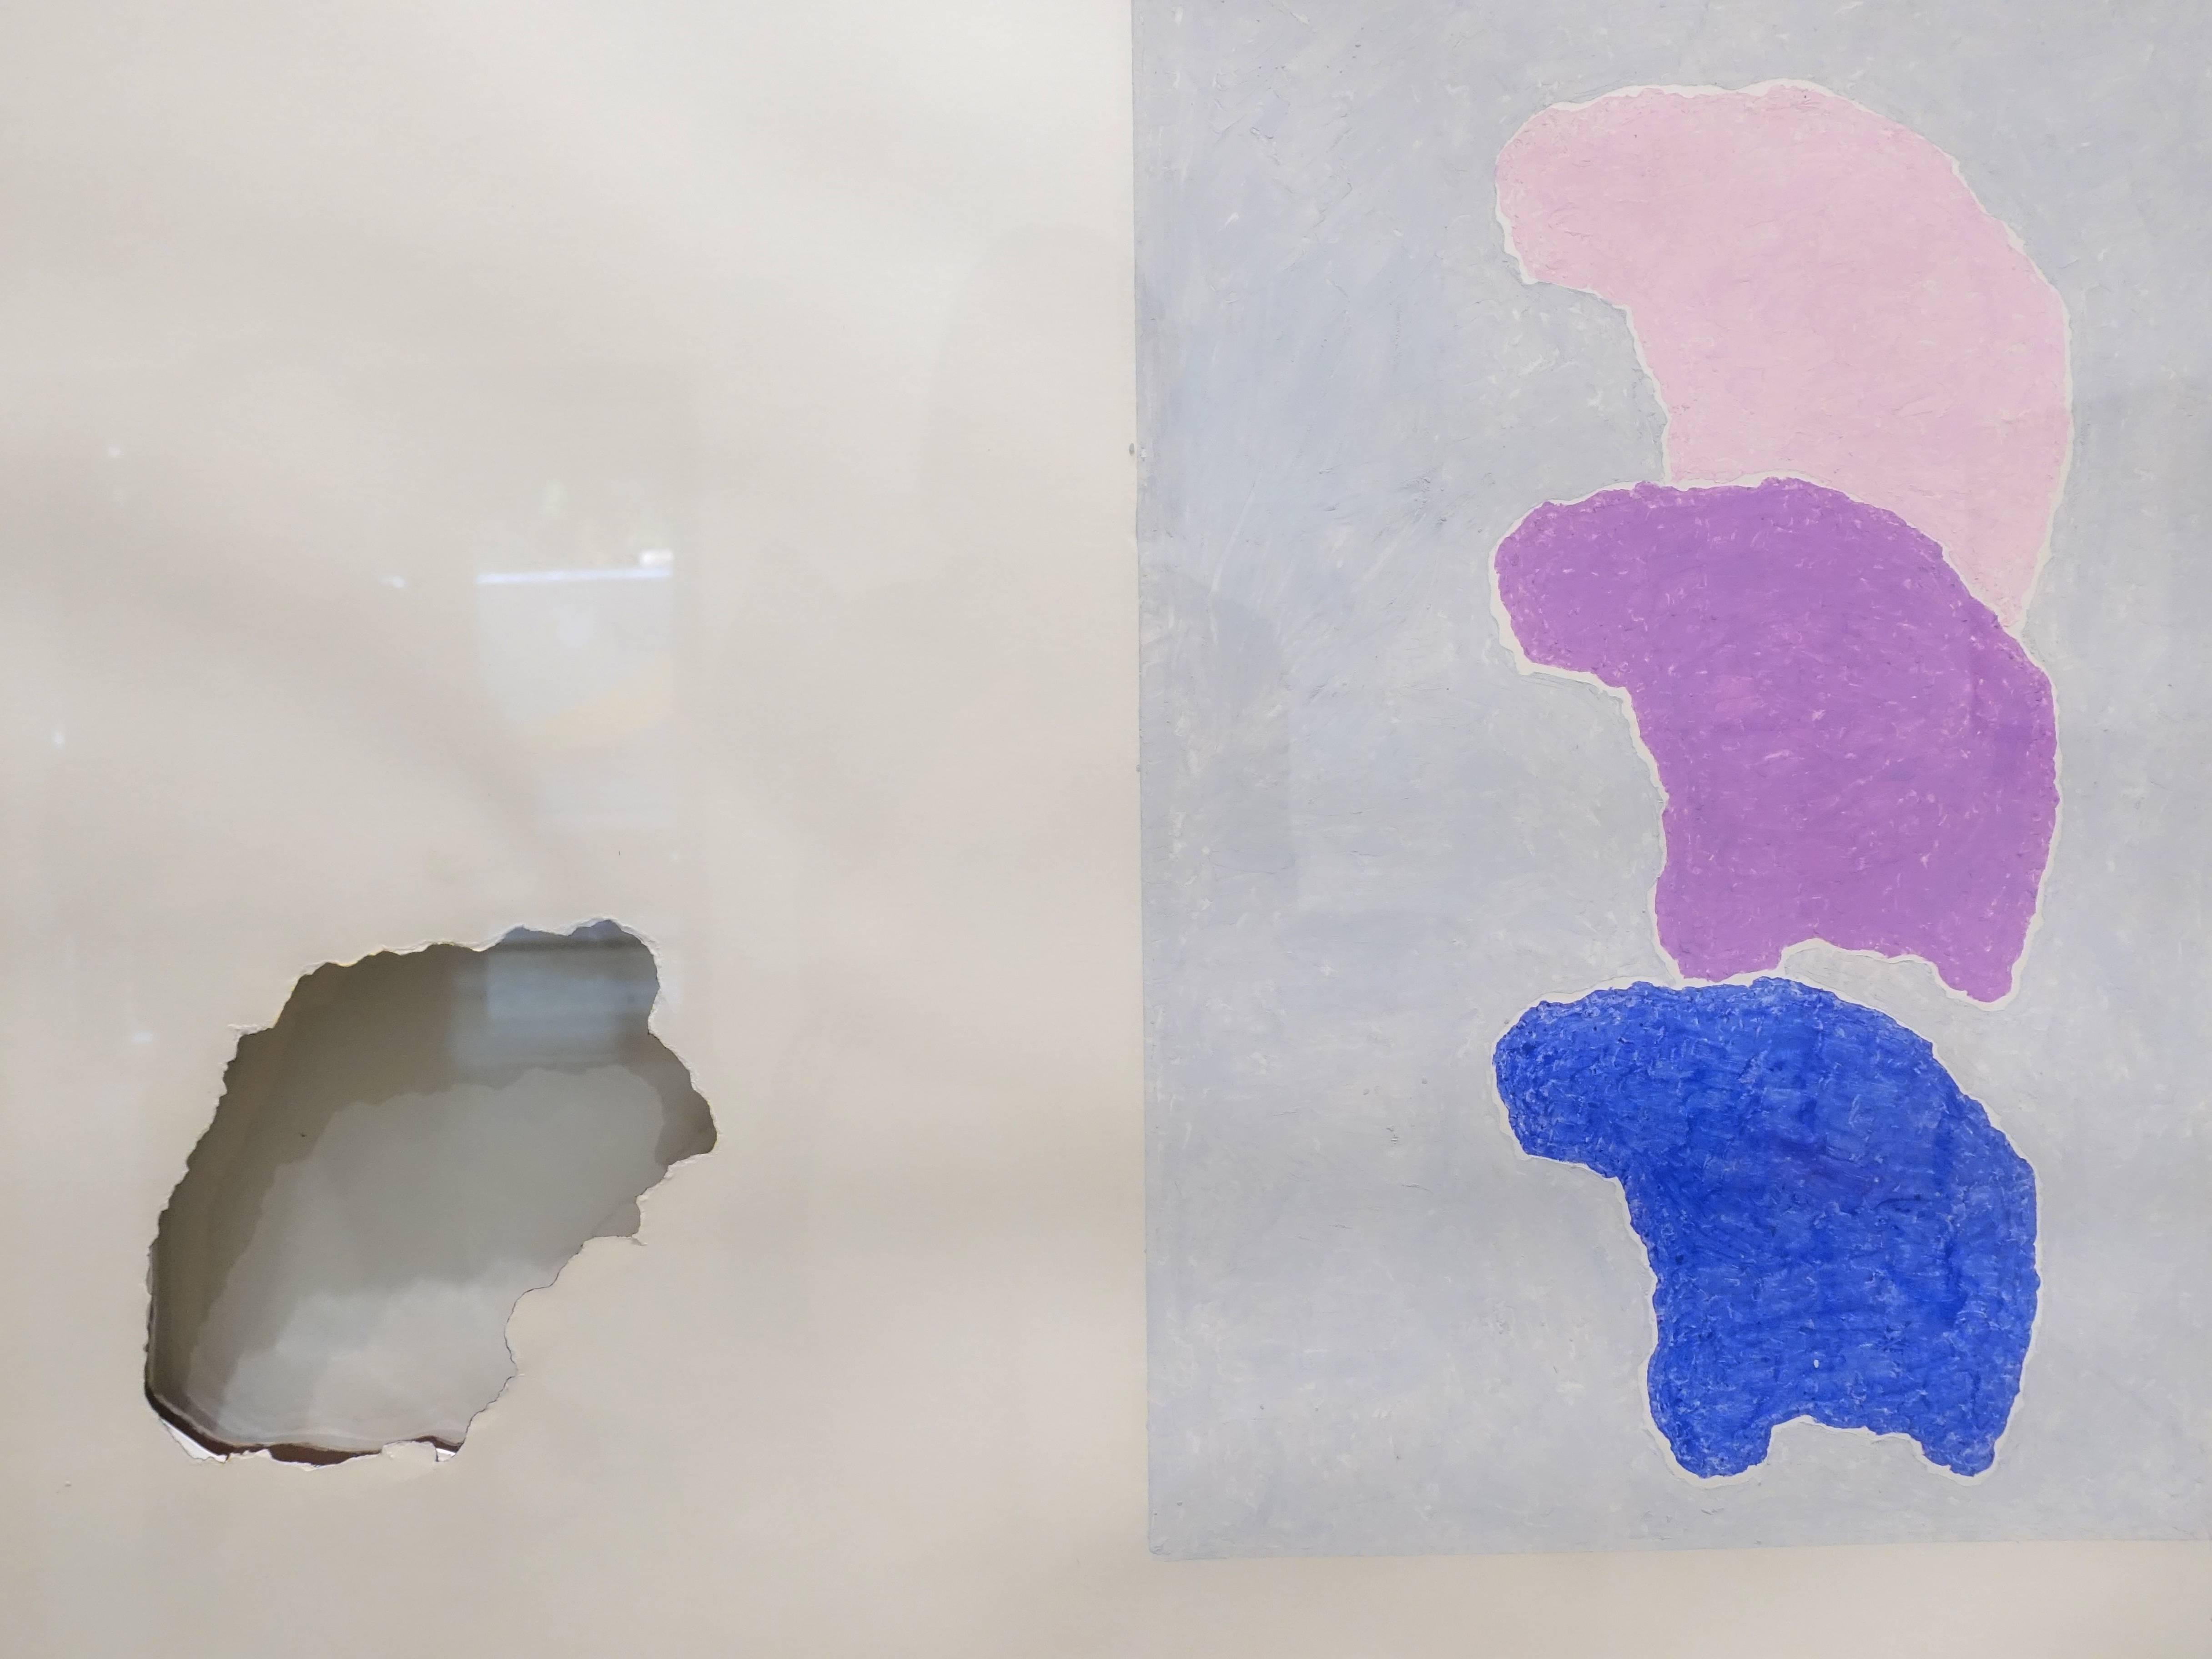 小清水漸,《From Surface to Surface ; crayon drawing》細節,109.6 x 79.4 cm,Pencil、paper,1976。